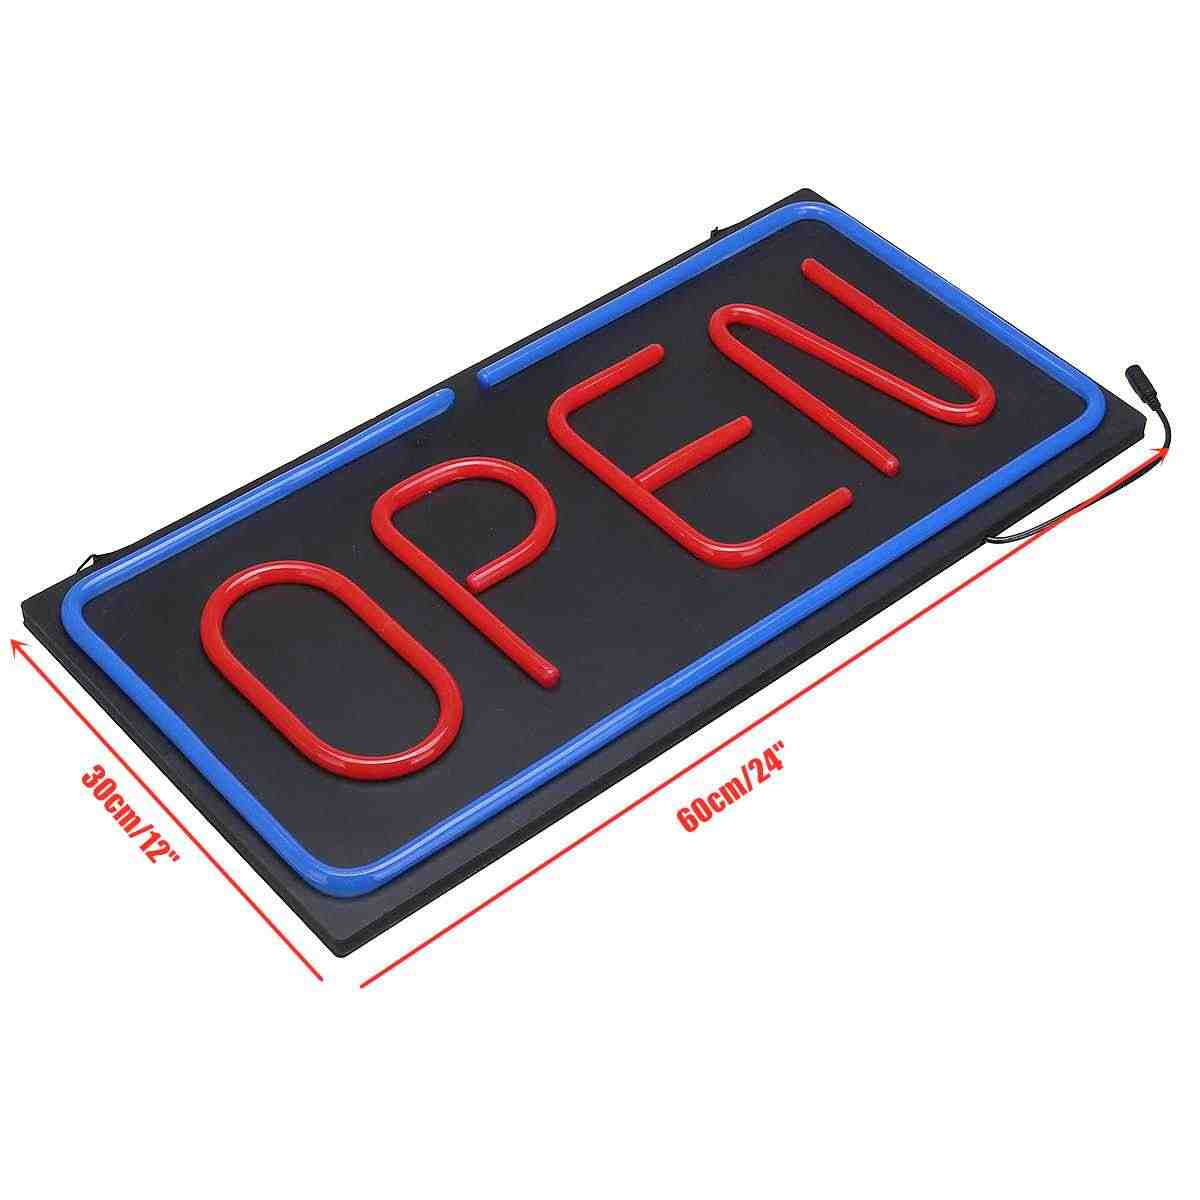 Светодиодный стеклянный неоновый свет трубки Открытые знак для магазина Магазин Бар Кафе пивной деловой свет 60*30 см яркий знак коммерческое освещение 100-240 В